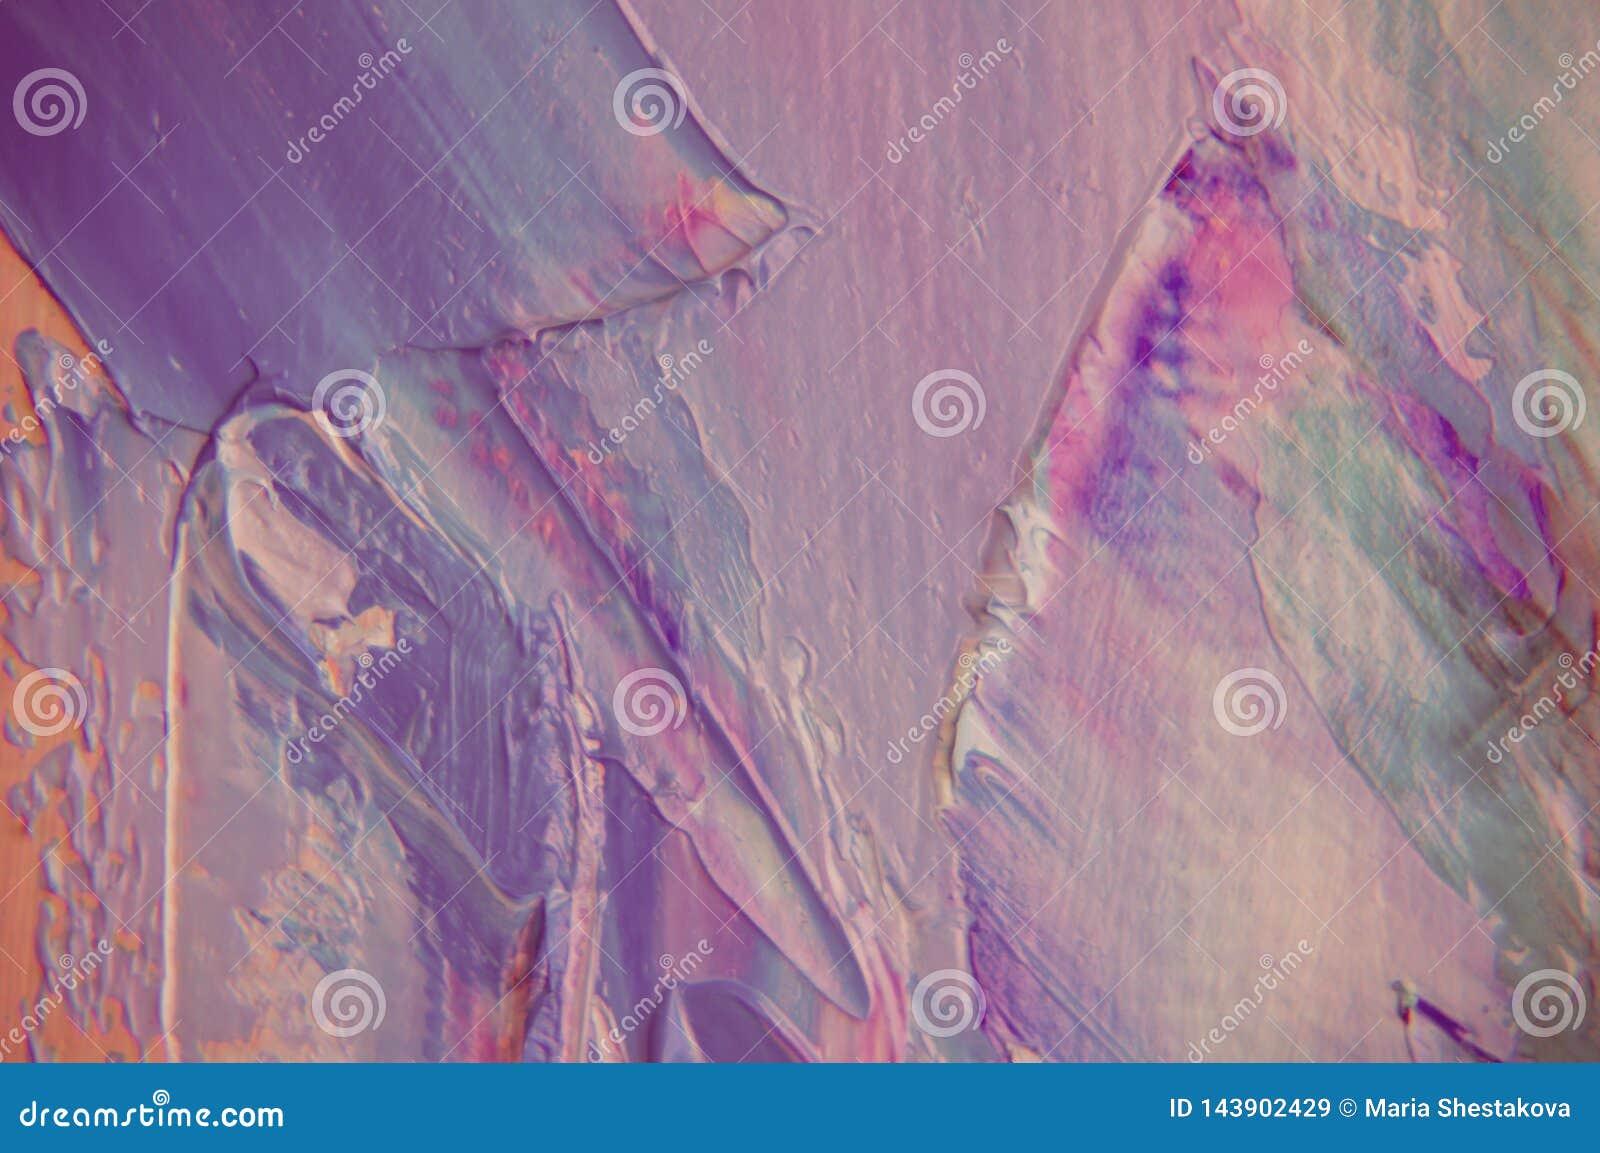 Ölfarbe auf Segeltuch wird durch Palettenmesser geschrieben Nahaufnahme einer Malerei vom Öl- und Palettenmesser auf Segeltuch